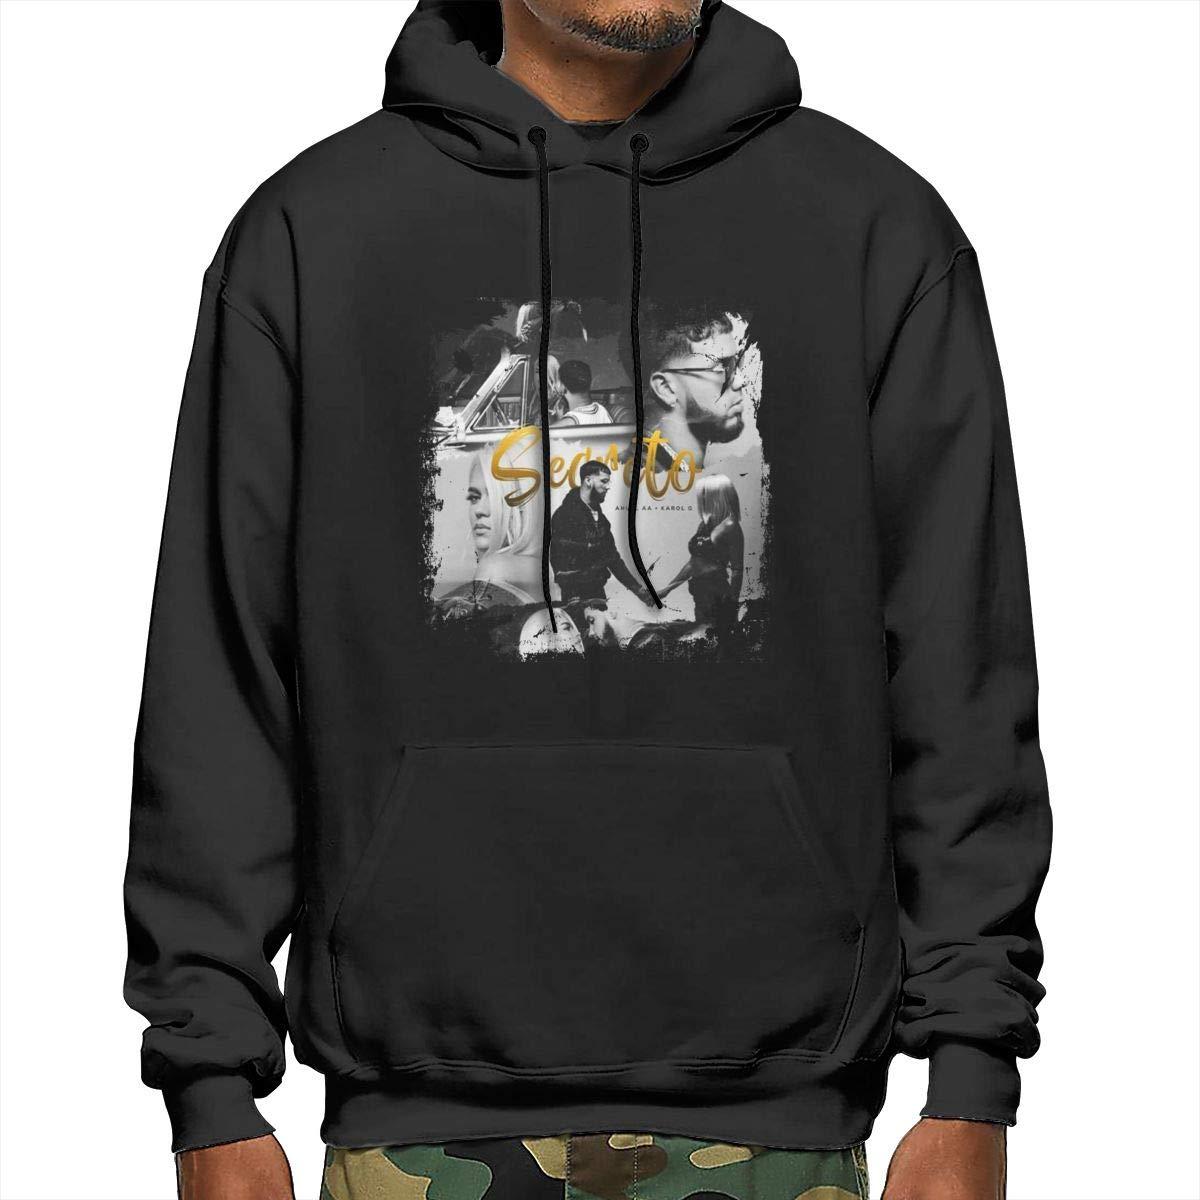 Opanjyajk Karol G Secreto Mens Pullover Hooded Sweatshirt